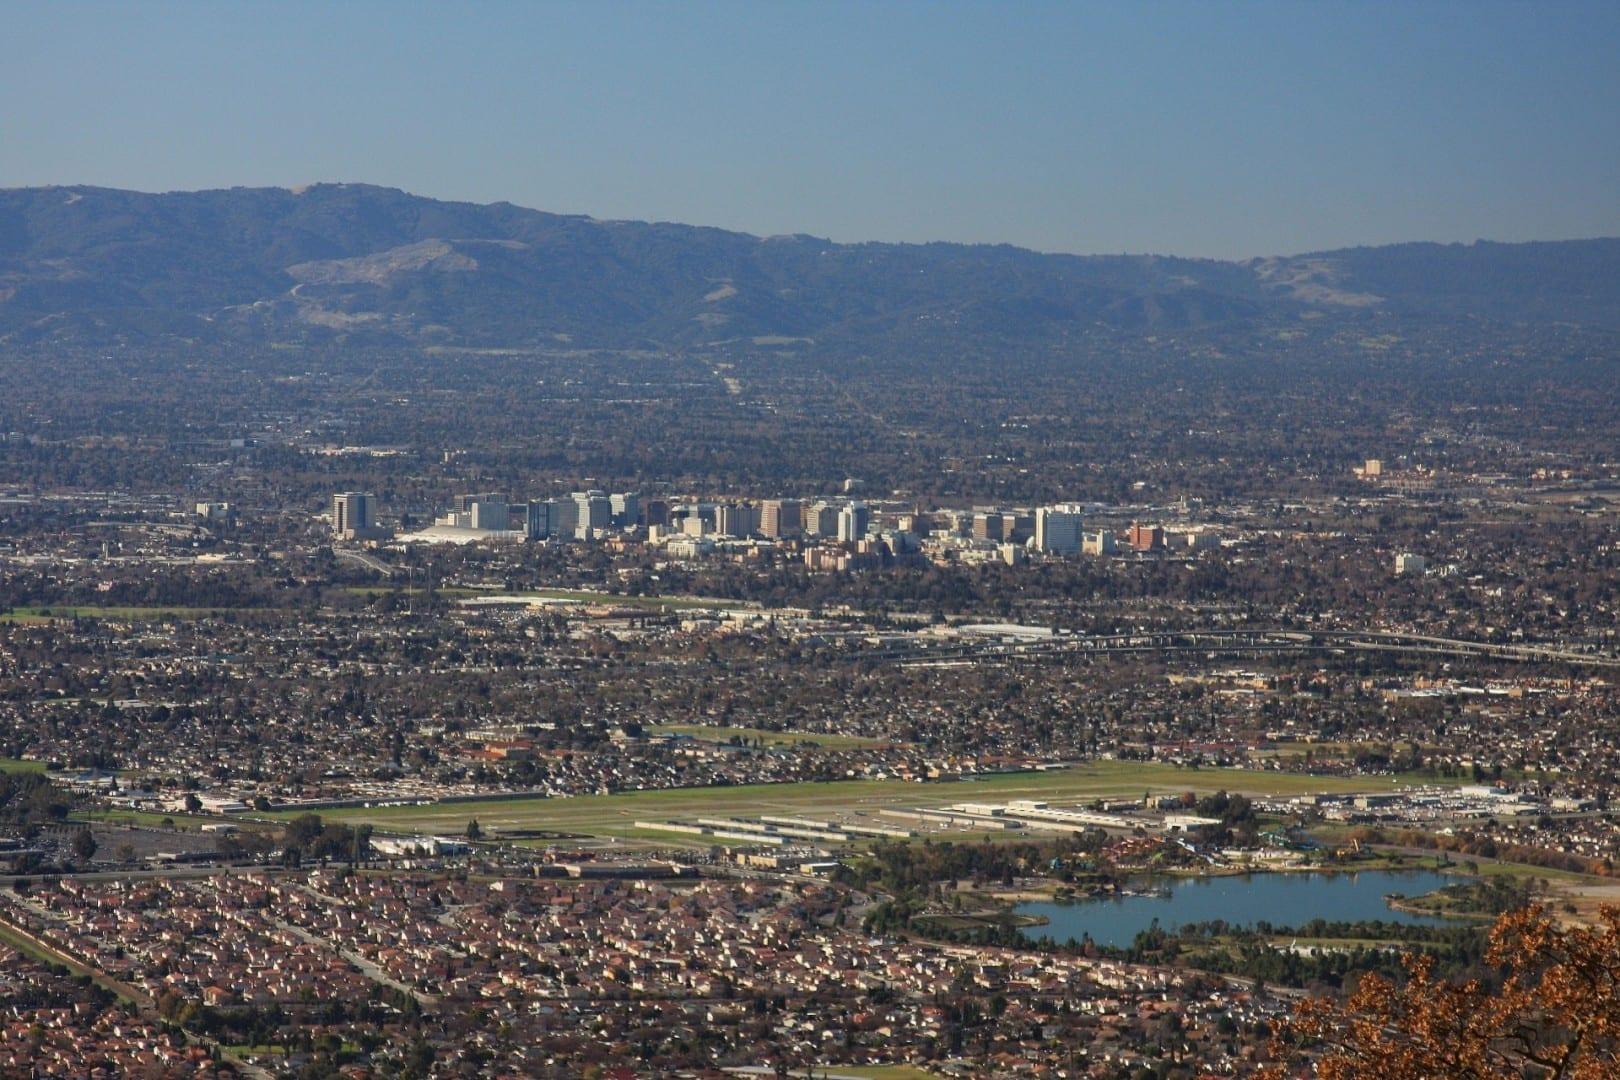 Una vista aérea del centro de San José San José CA Estados Unidos